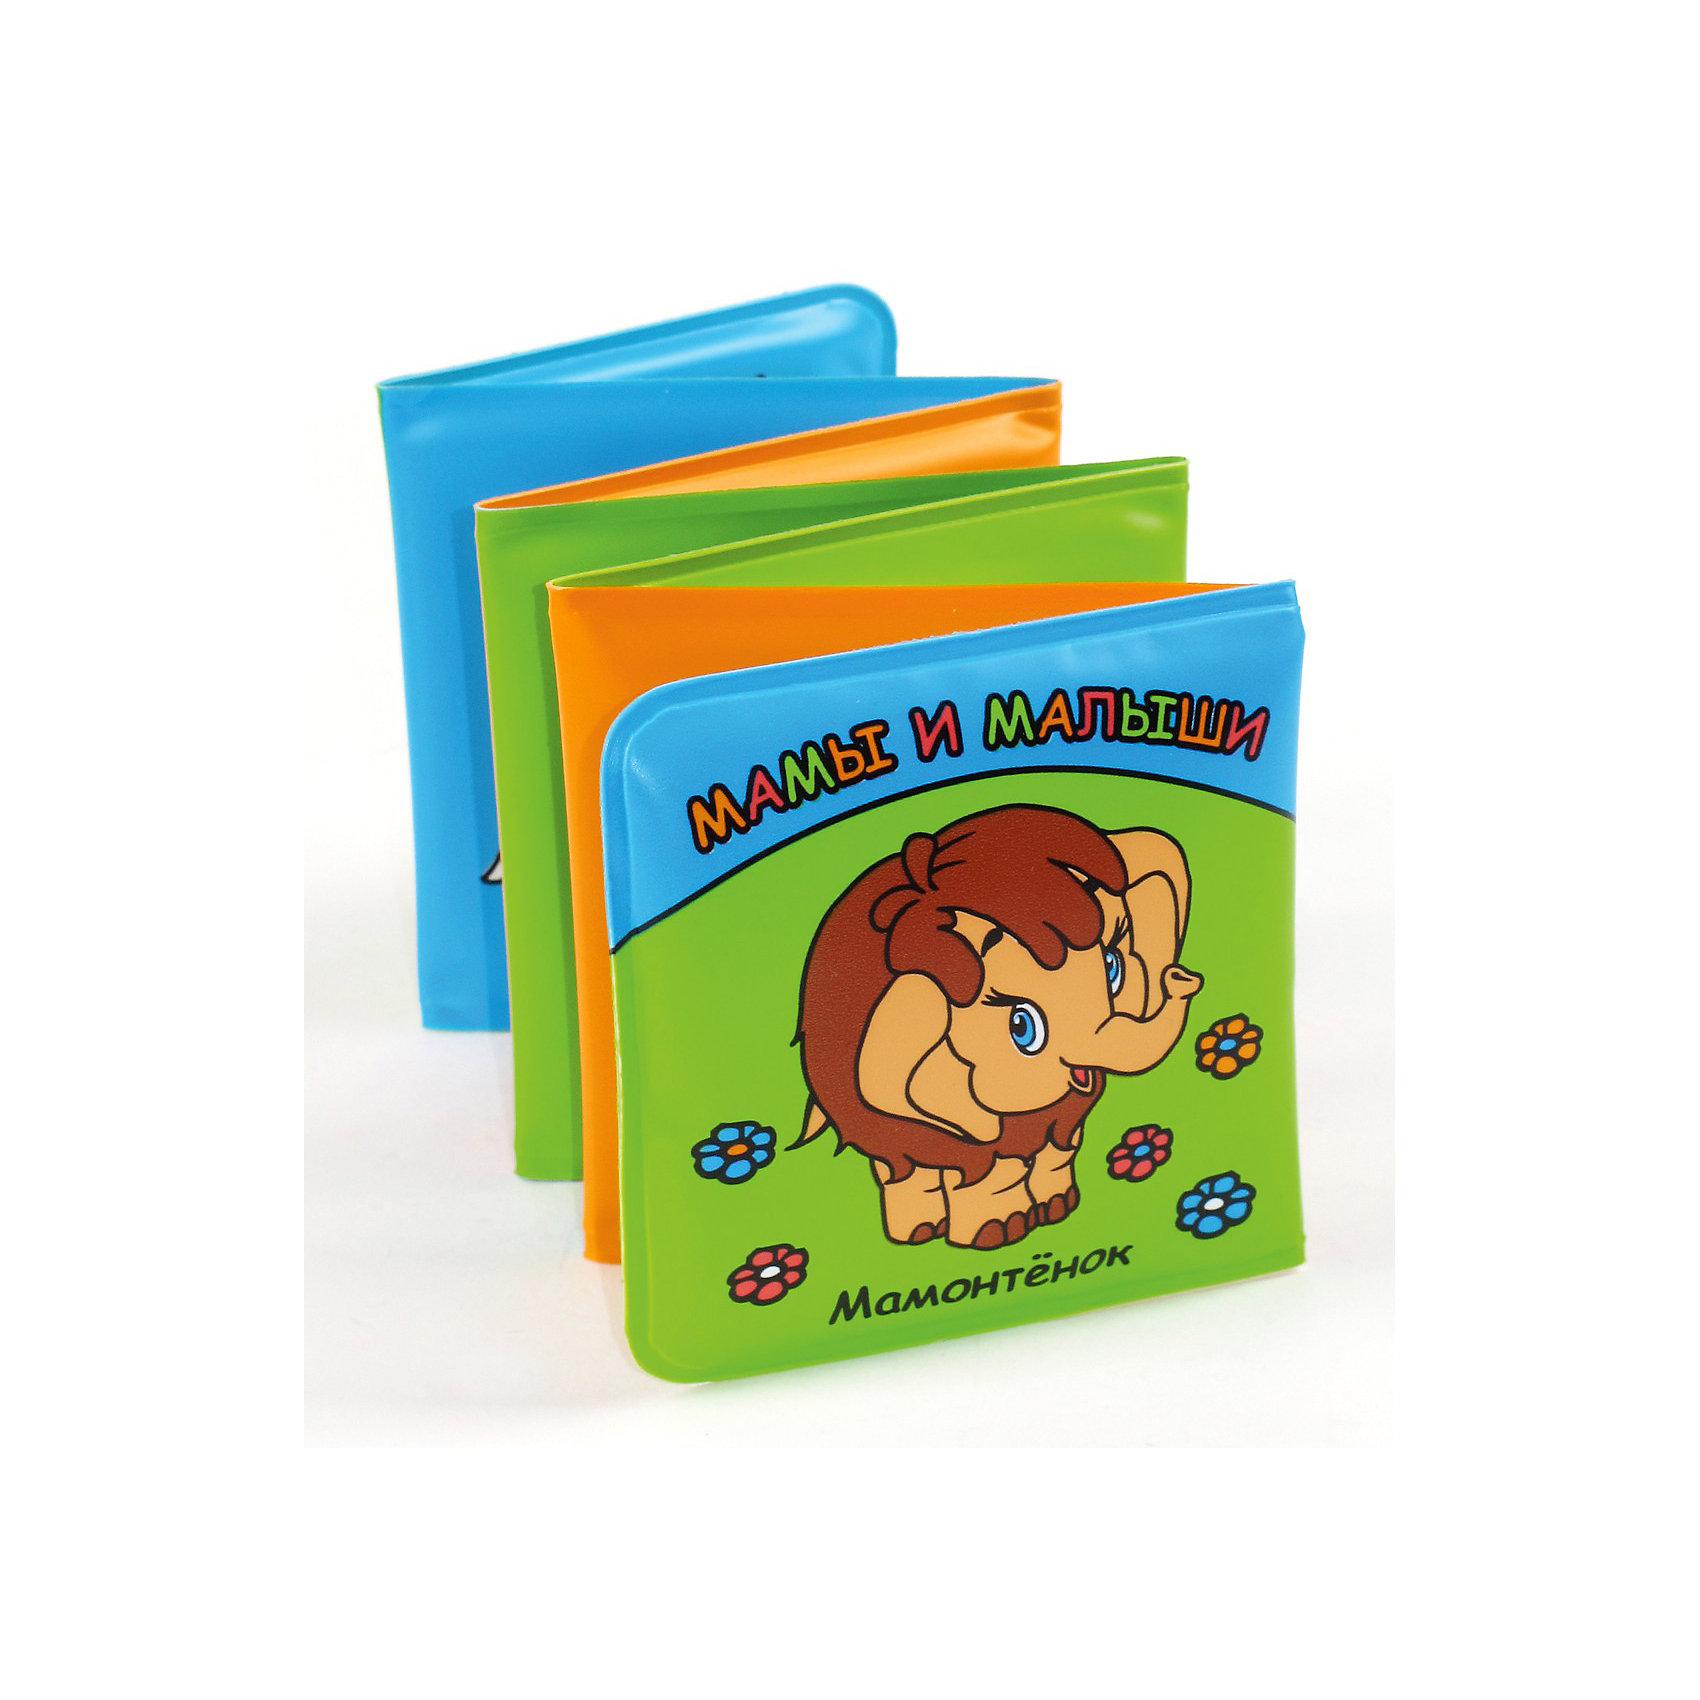 Книга для ванной Мамы и малыши, МамонтёнокИгрушки ПВХ<br>Книга для ванны Мамы и малыши, Мамонтёнок  , Умка станет прекрасным подарком Вашему малышу и Вам. Никаких слез - только развлечения и обучение! Вашего малыша больше не придется уговаривать купаться!<br><br>Дополнительная информация:<br><br>Книга ПВХ  двухсторонняя.<br>Лутикова И.-редактор-составитель / книга для ванны<br>80х80х 14<br>Батарейки входят в комплект, не меняются.<br><br>Станет прекрасным развивающим развлечением для Вашего малыша!<br>Легко приобрести в нашем интернет-магазине!<br><br>Ширина мм: 80<br>Глубина мм: 80<br>Высота мм: 14<br>Вес г: 90<br>Возраст от месяцев: 0<br>Возраст до месяцев: 36<br>Пол: Унисекс<br>Возраст: Детский<br>SKU: 3363187